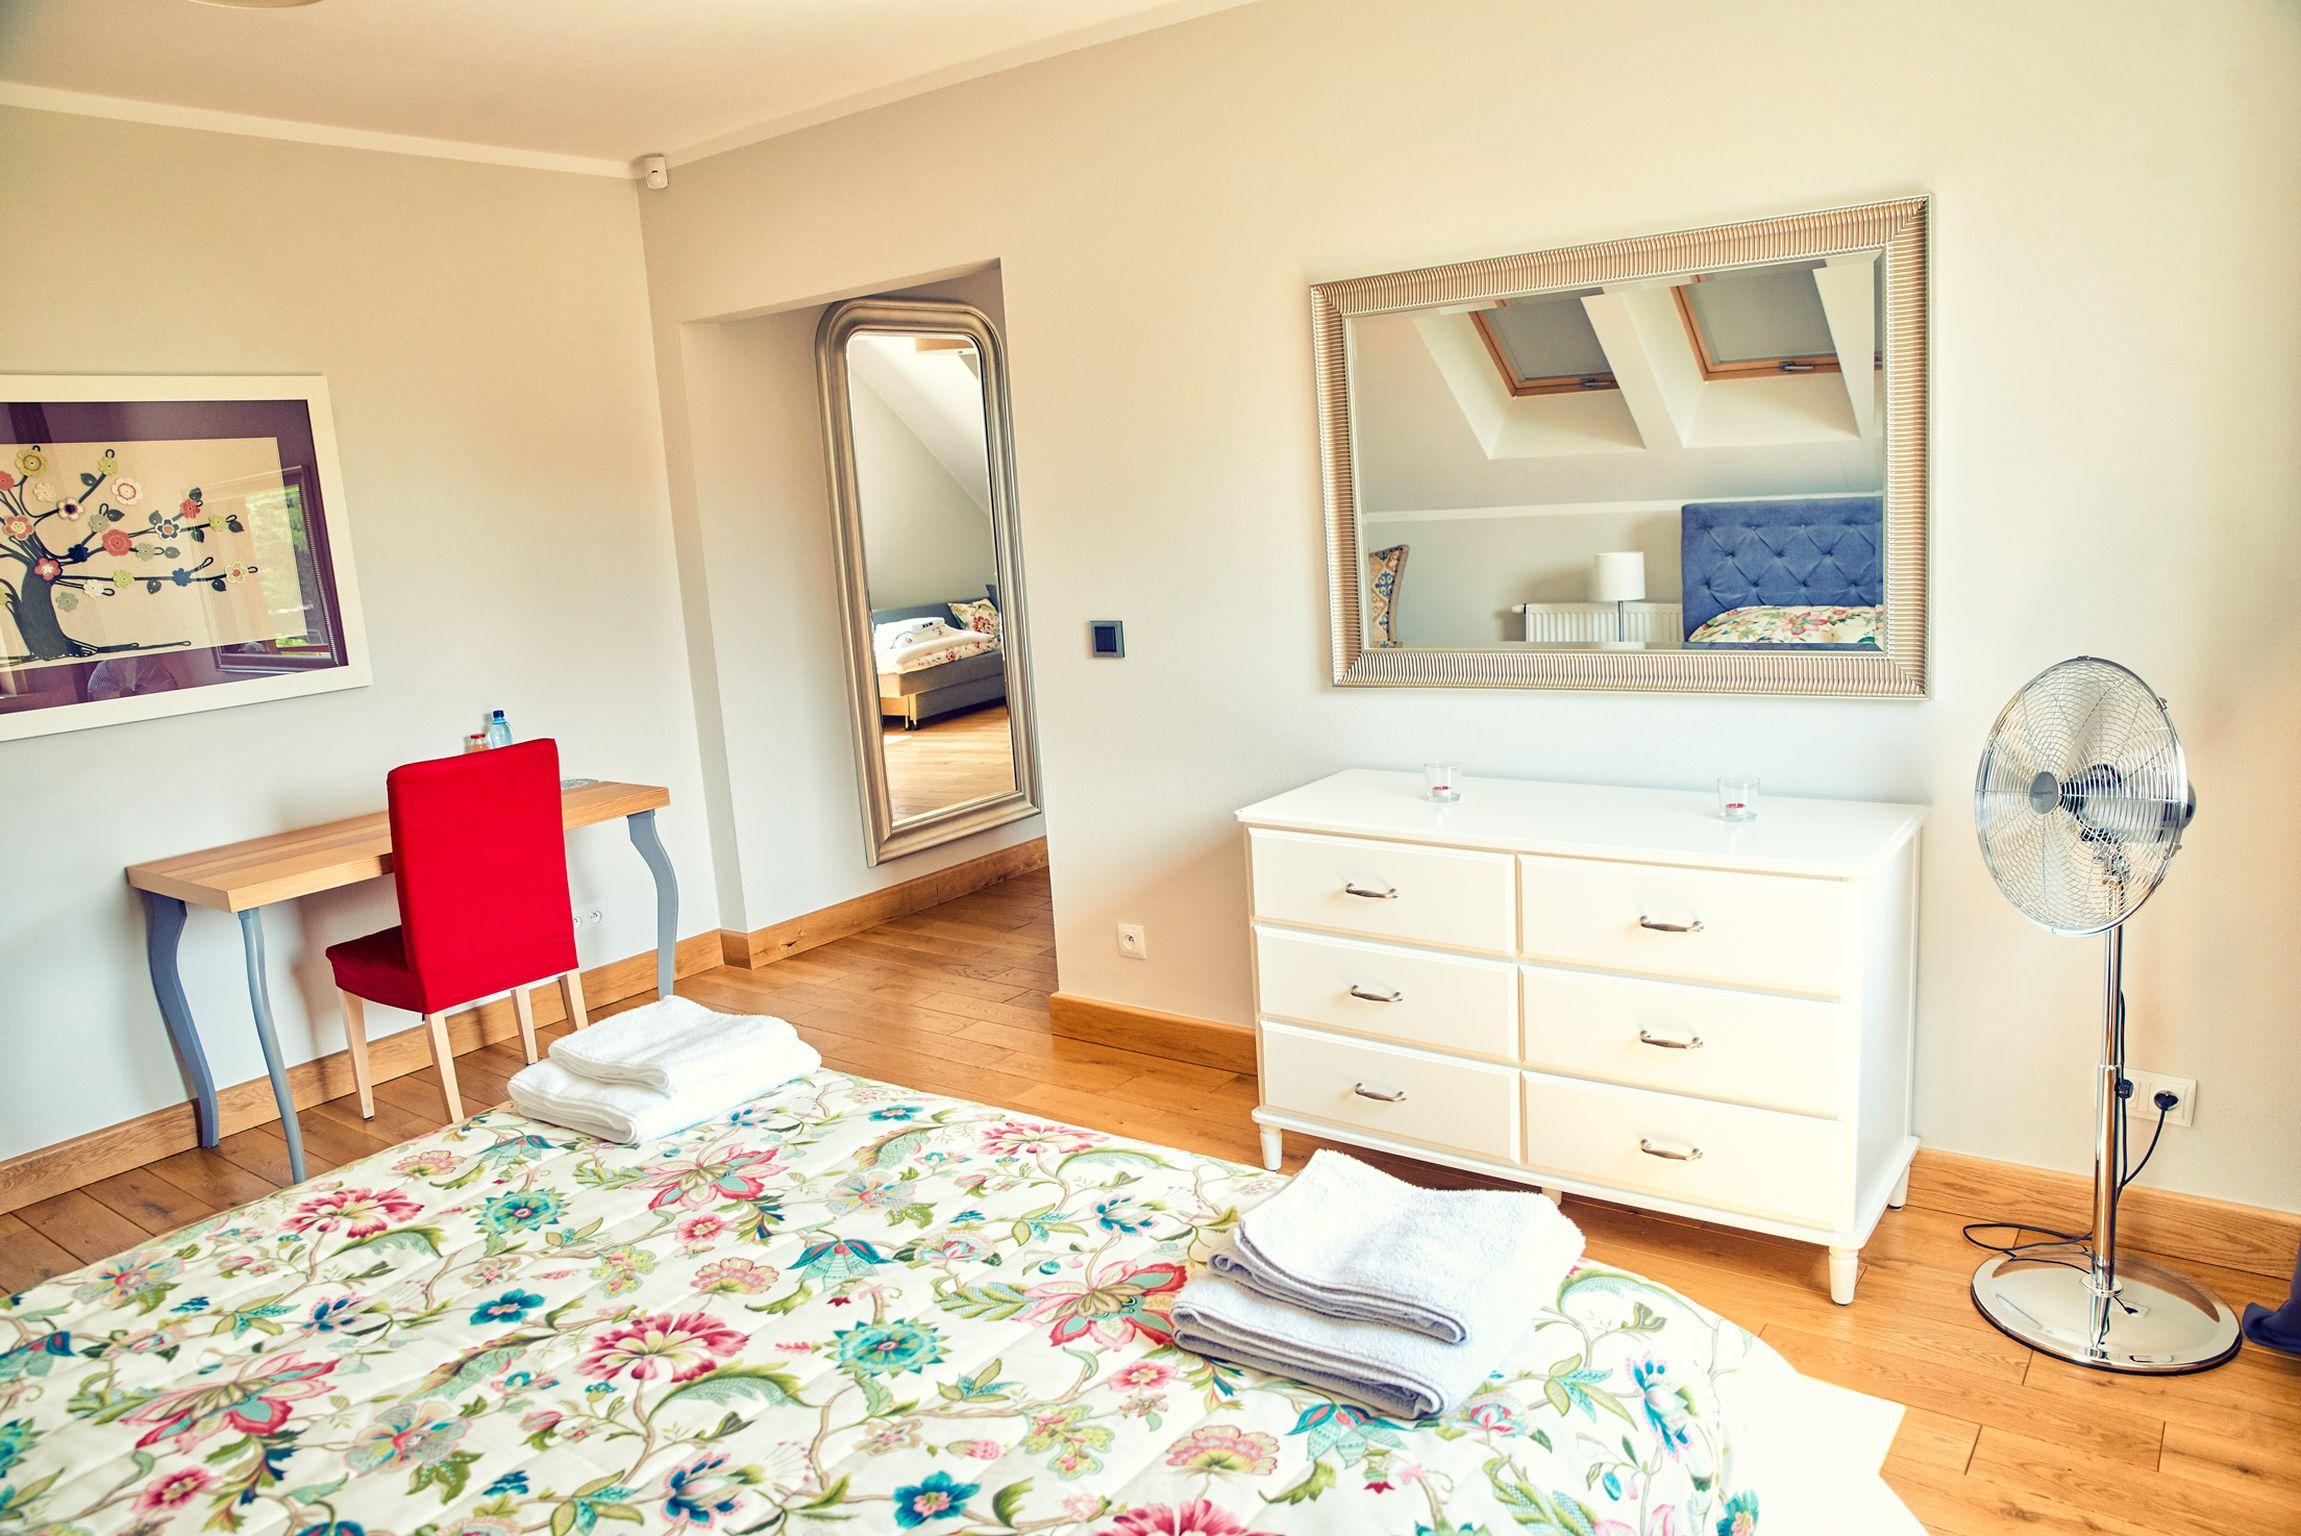 Scheda Podlaska. Apartamenty gościnne nad Bugiem - Where will I sleep?